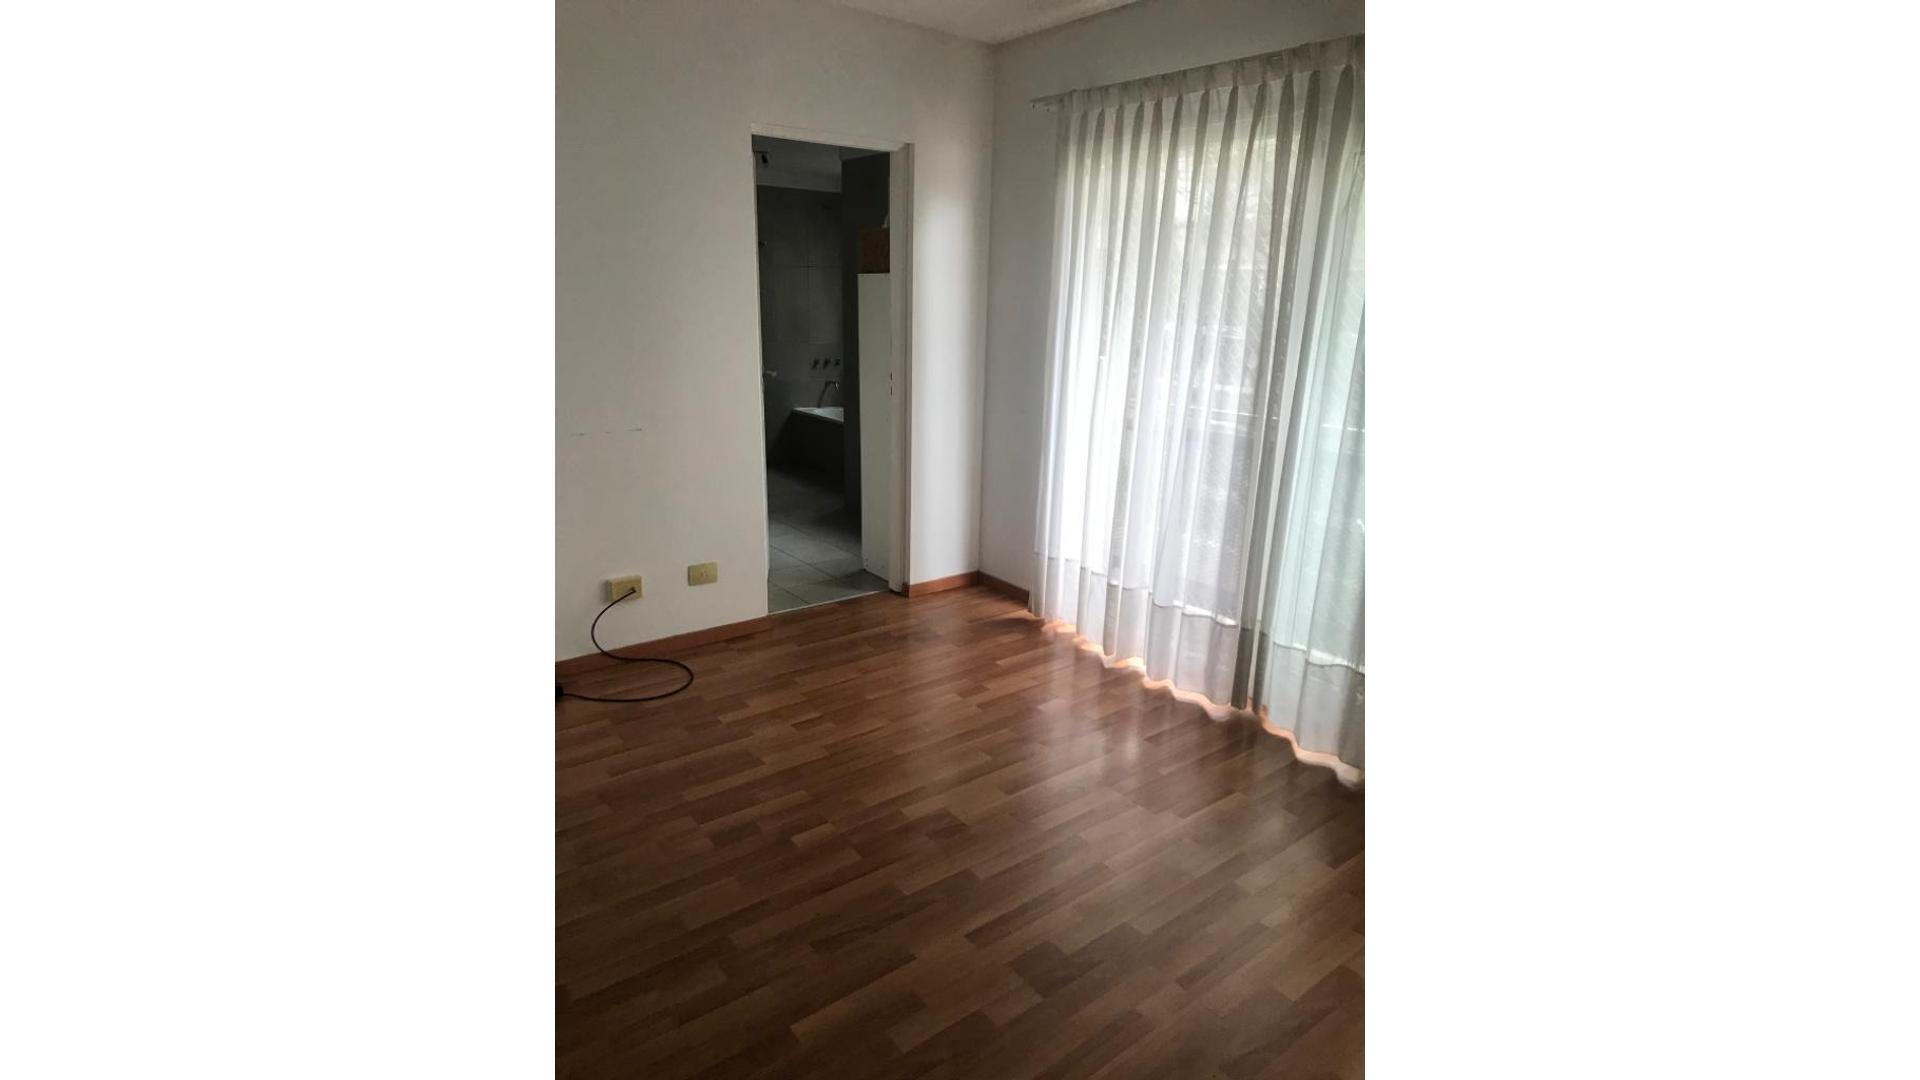 Departamento en San Isidro con 2 habitaciones